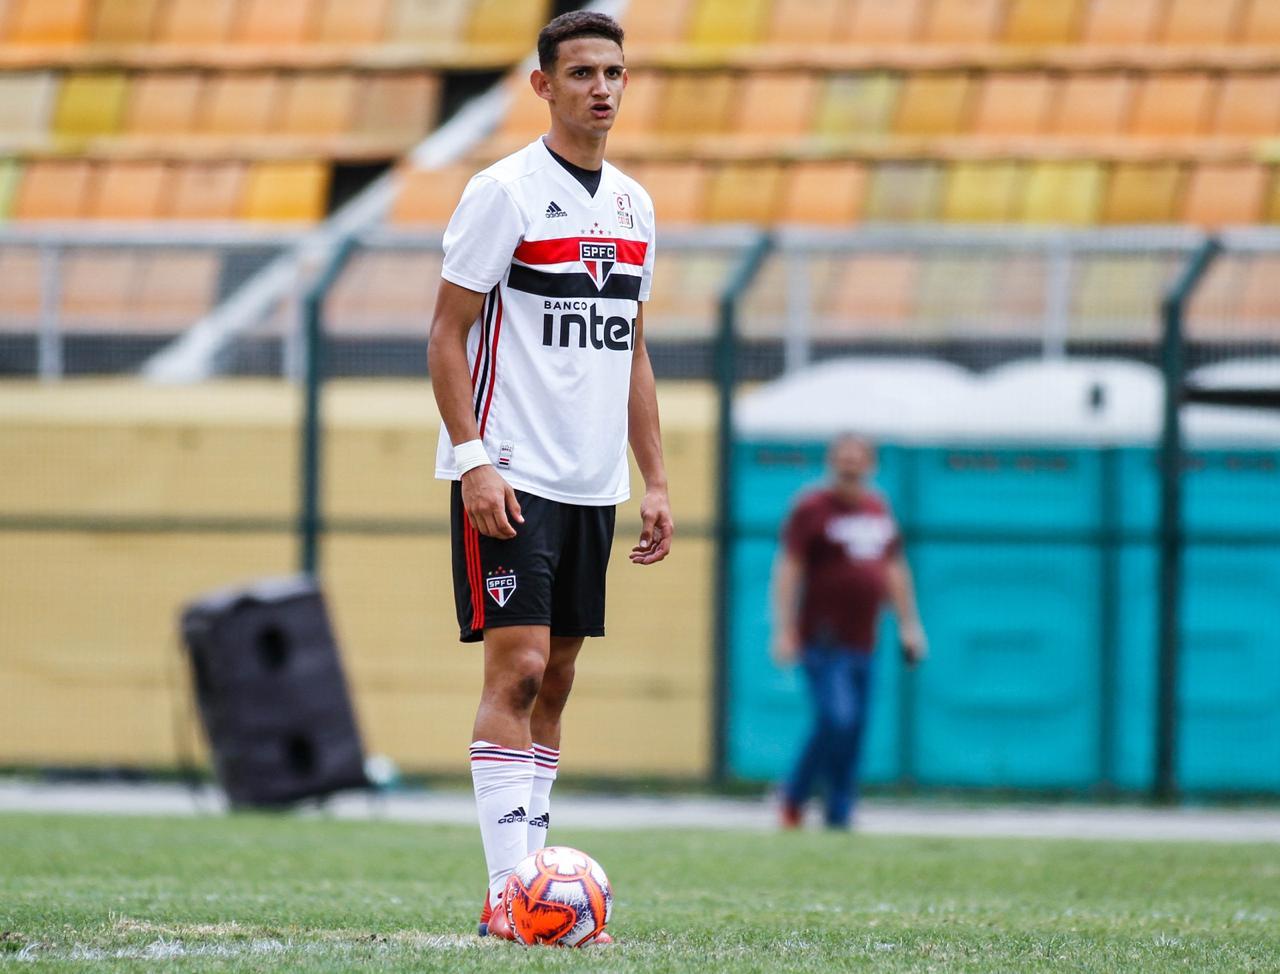 Campeão estadual pelo São Paulo, zagueiro Guilherme Matheus celebra bom desempenho em seu último ano como atleta sub-17 e já foca na próxima temporada